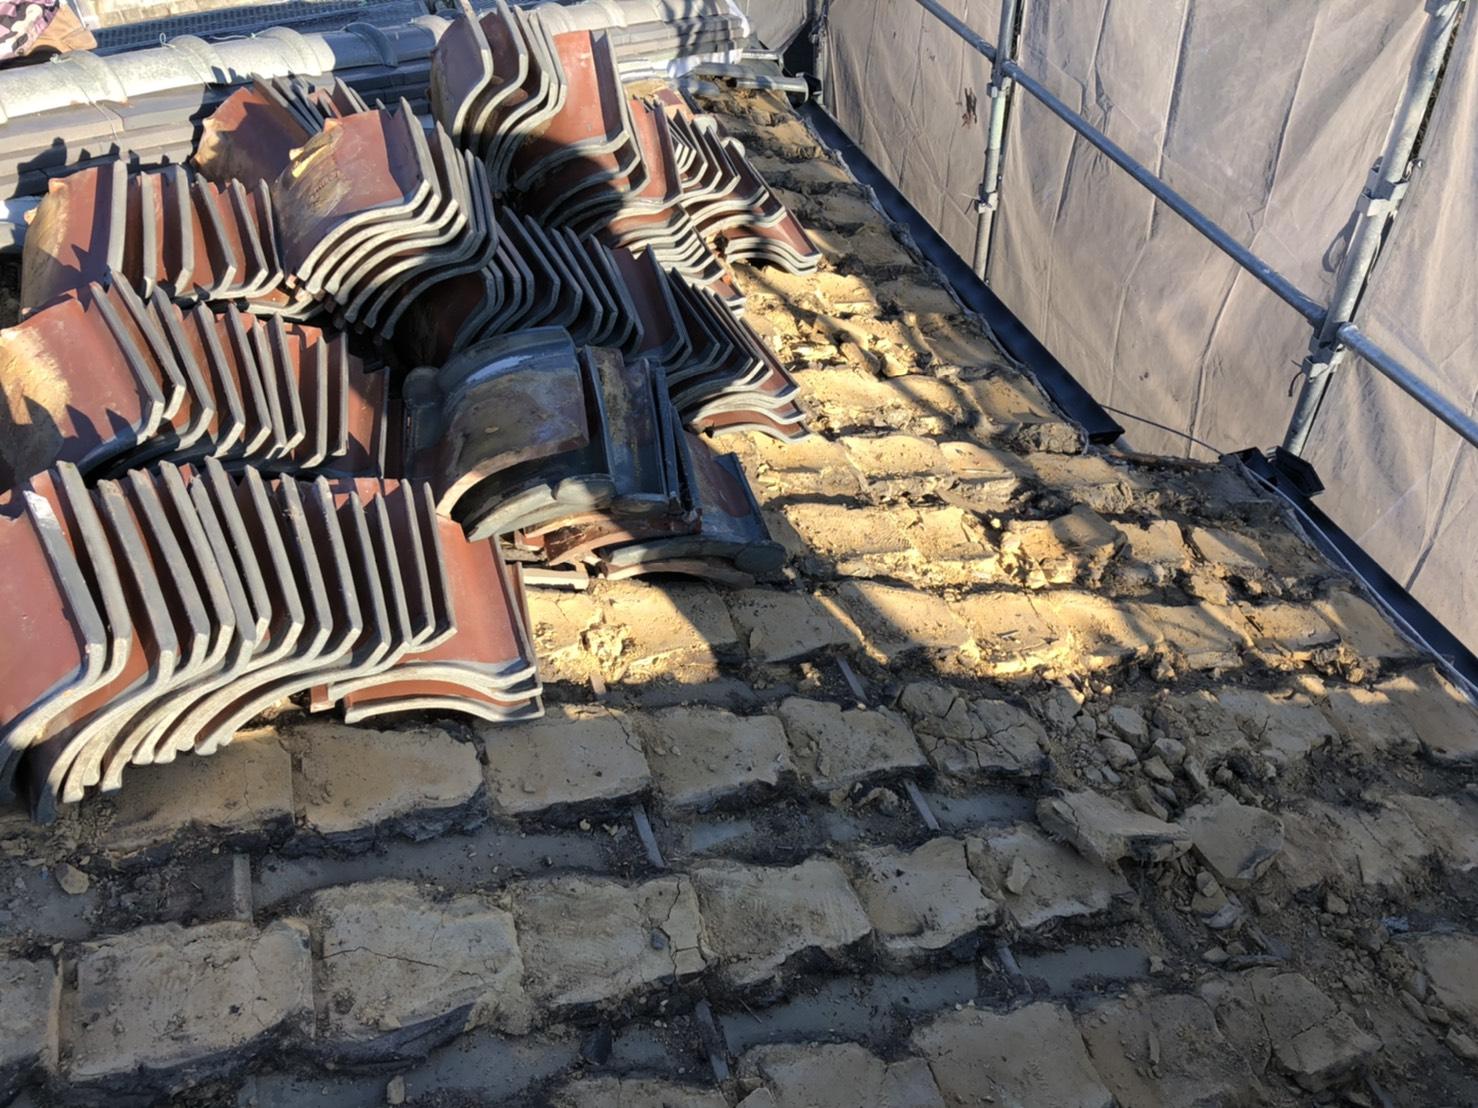 加古郡稲美町での屋根葺き替え工事で瓦屋根を撤去した様子